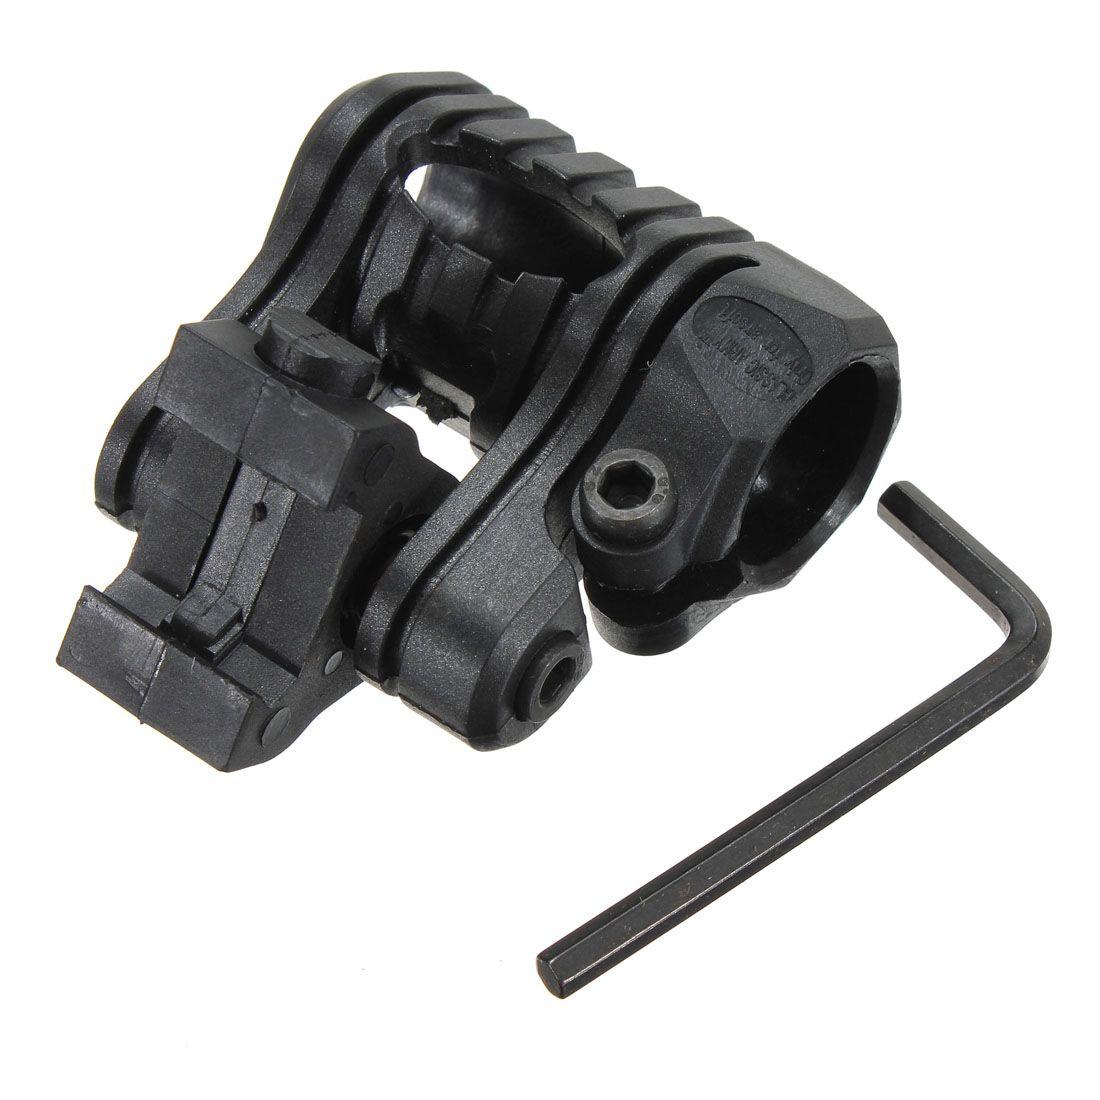 Heißer Verkauf Taktische 1 zoll/25mm 5 Position Für Airsoft Taschenlampe Laser Picatinny 20mm Schiene Montieren Für jagd